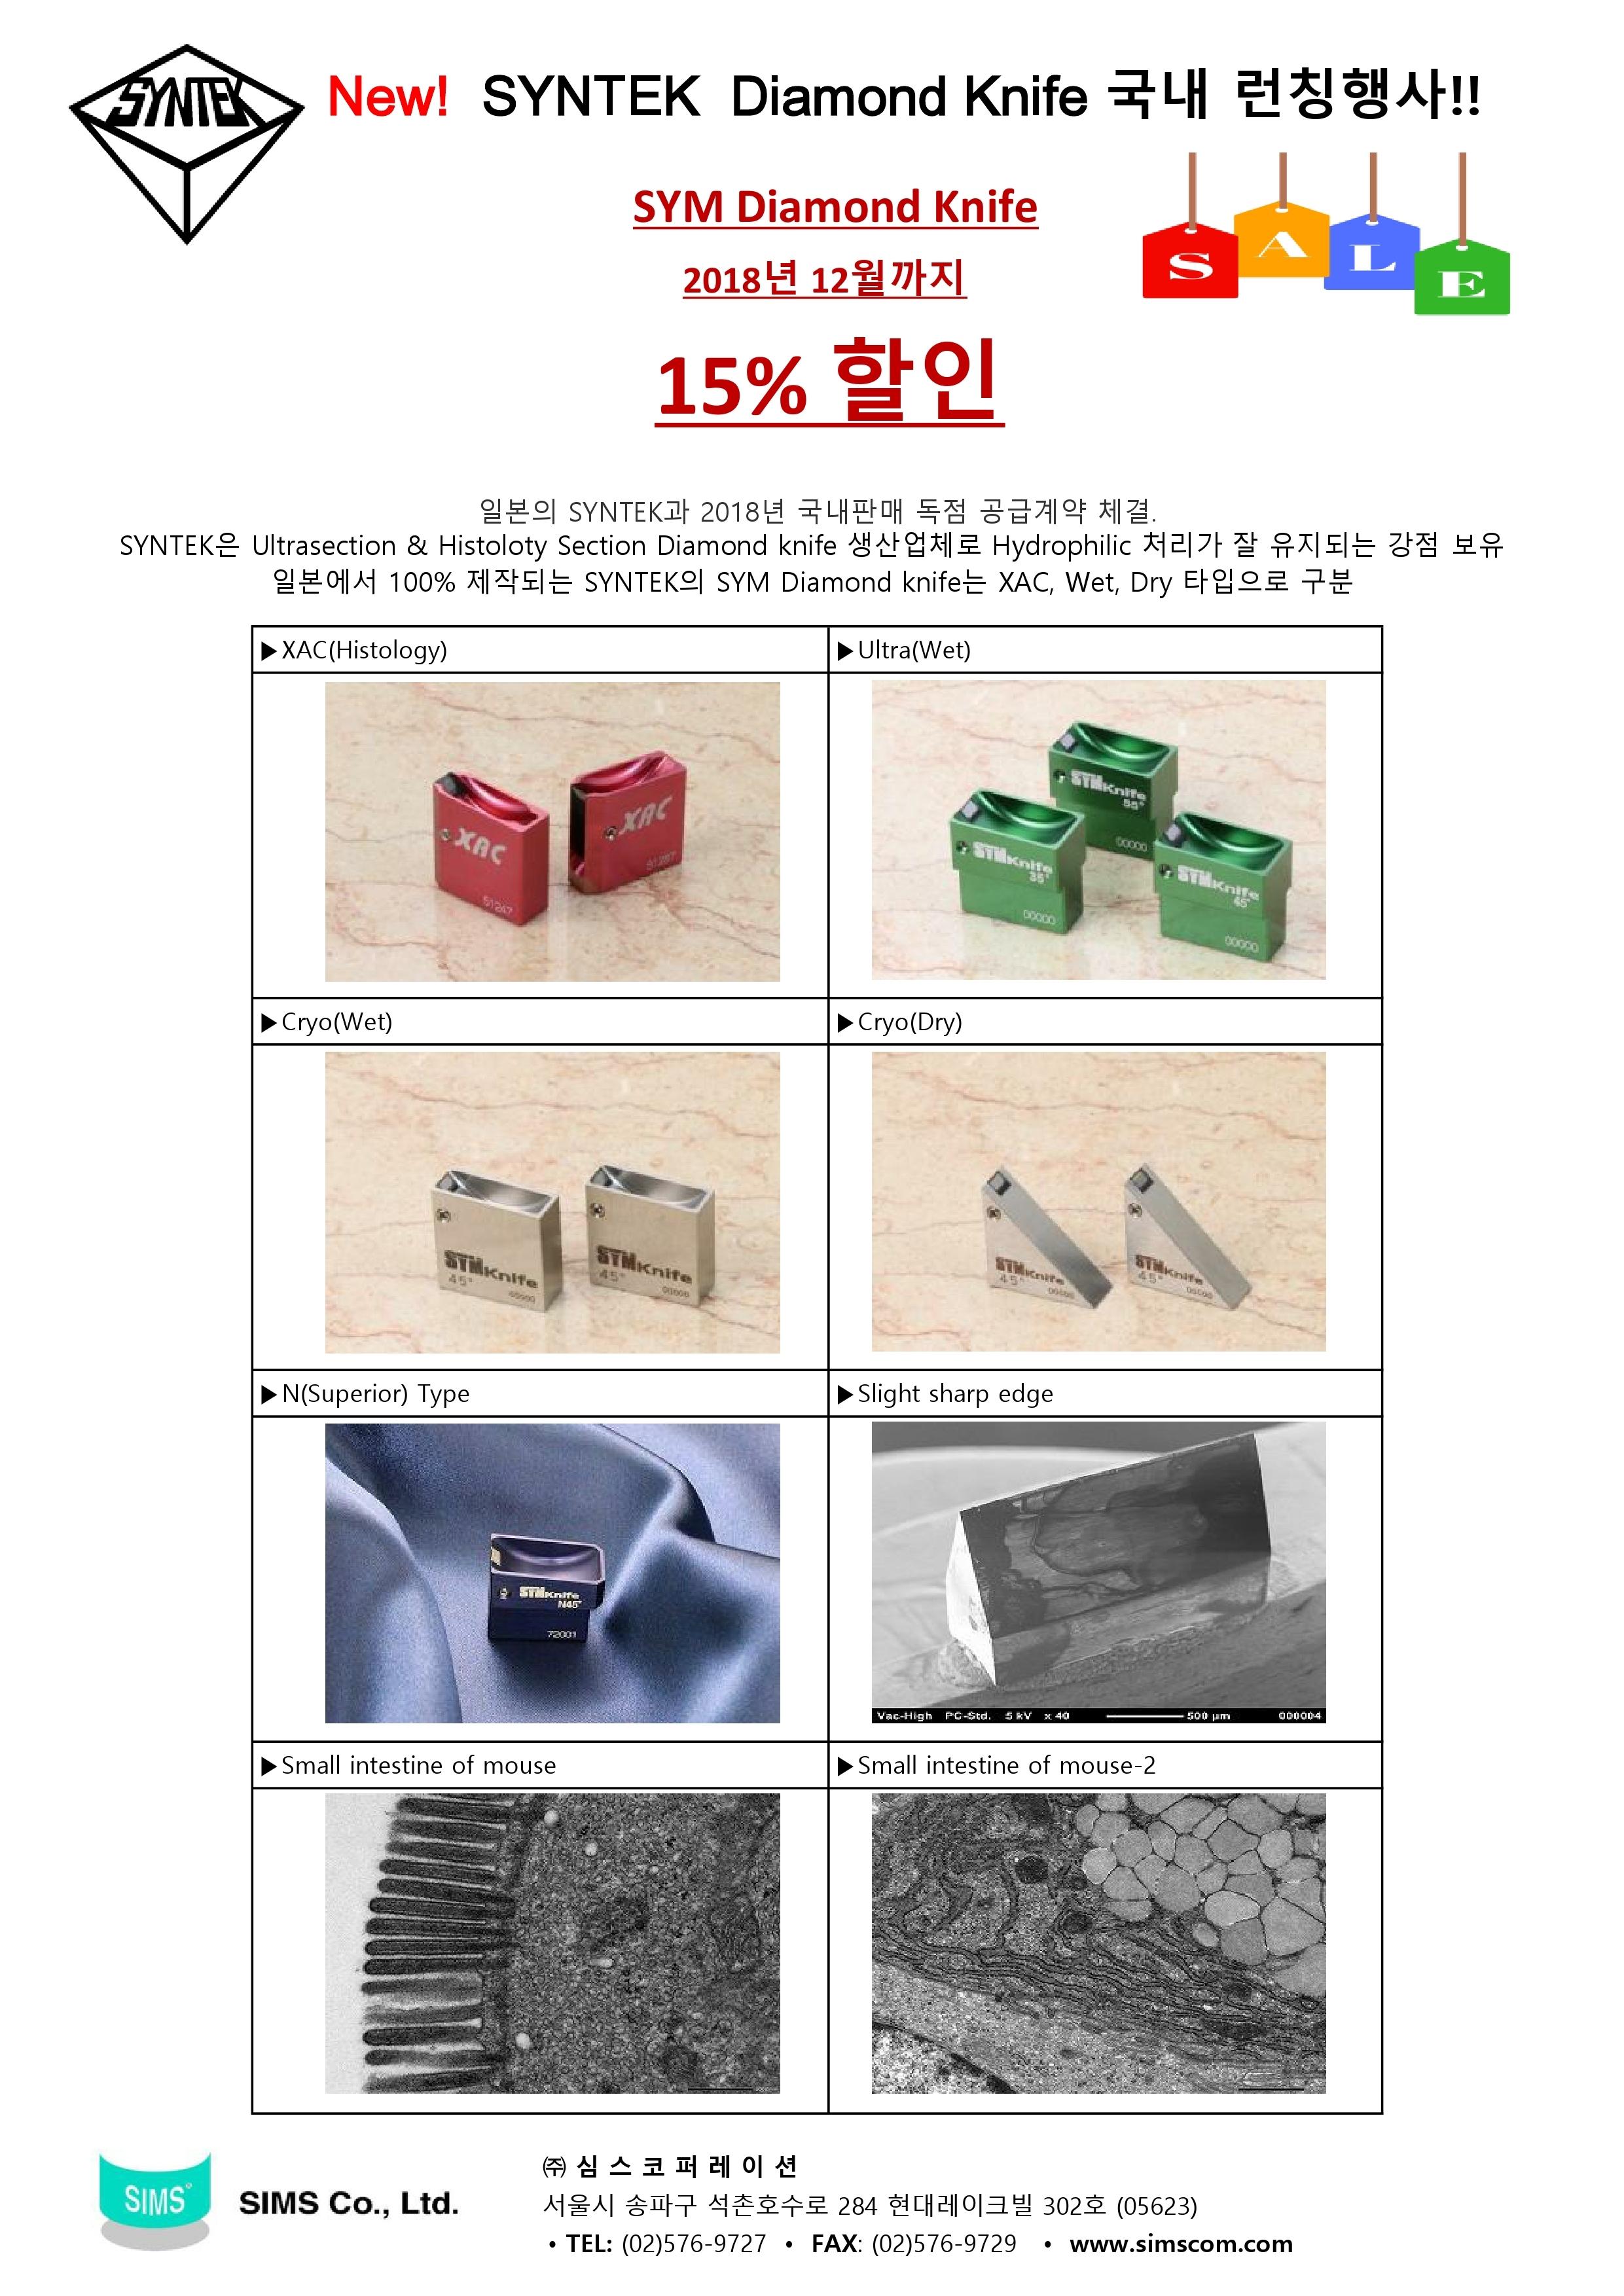 (주)심스코퍼레이션-SYNTEK Diamond Knife Promotion.20181001.jpg